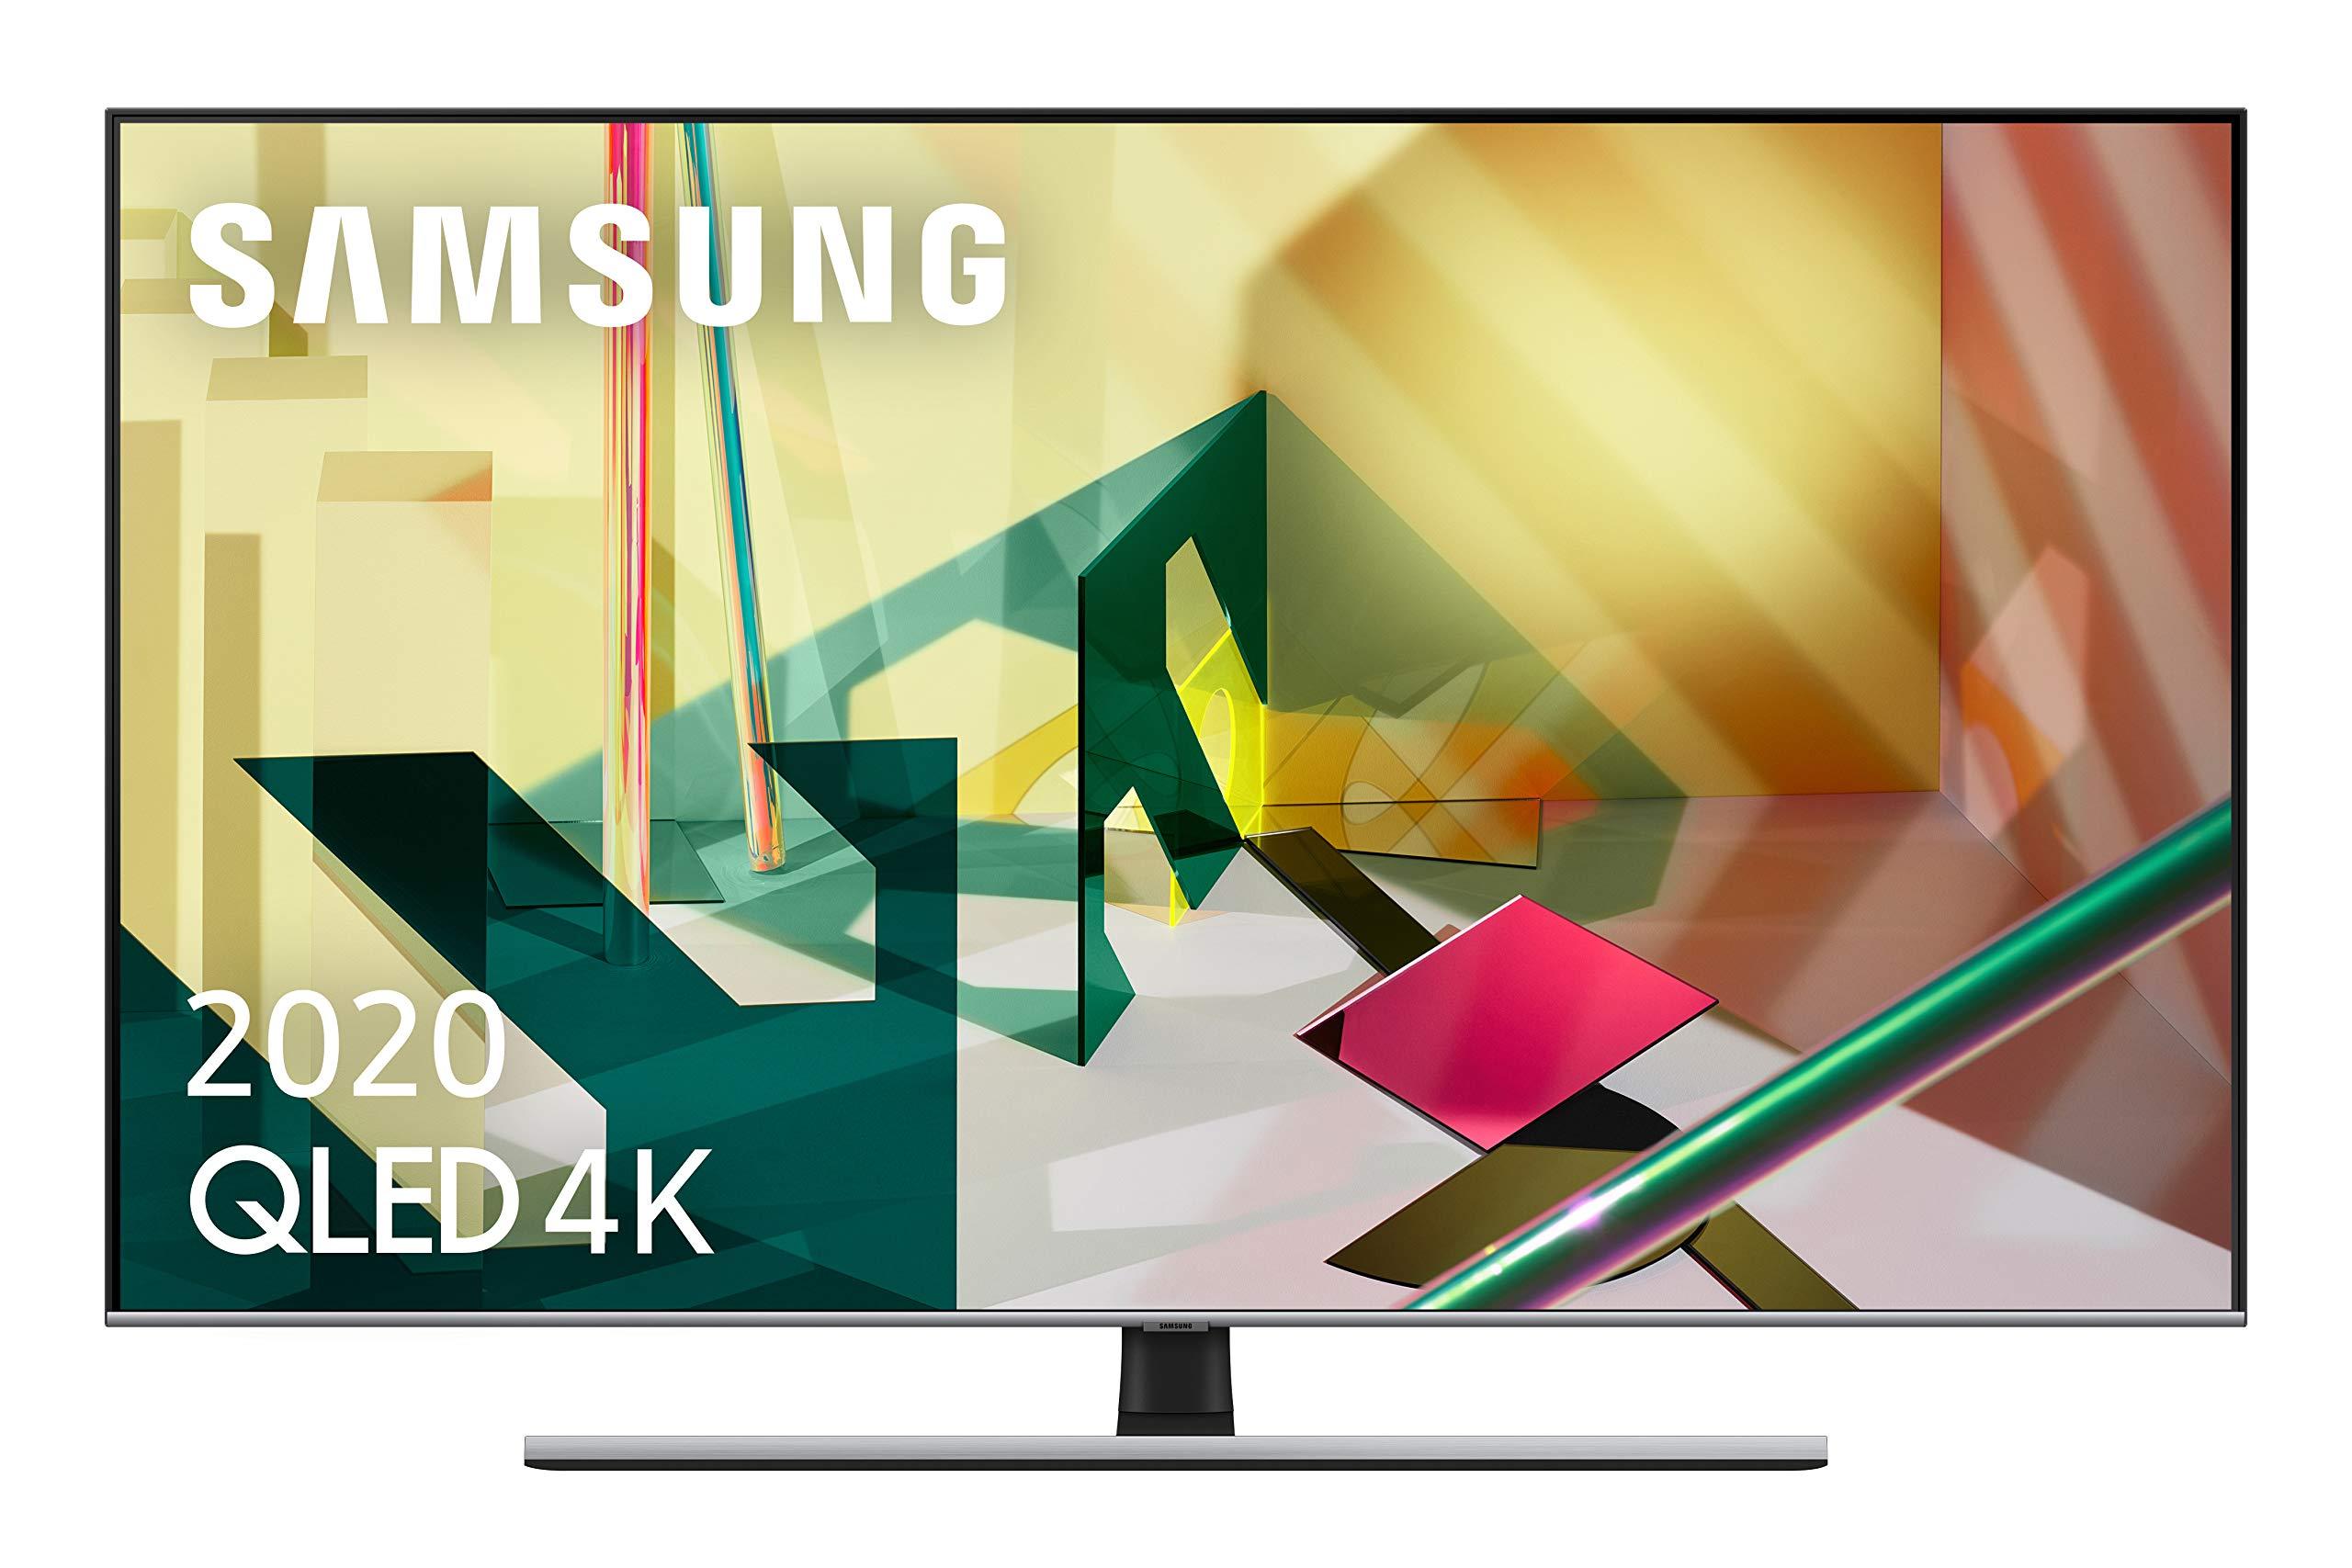 Samsung QLED 4K 2020 55Q75T - Smart TV de 55